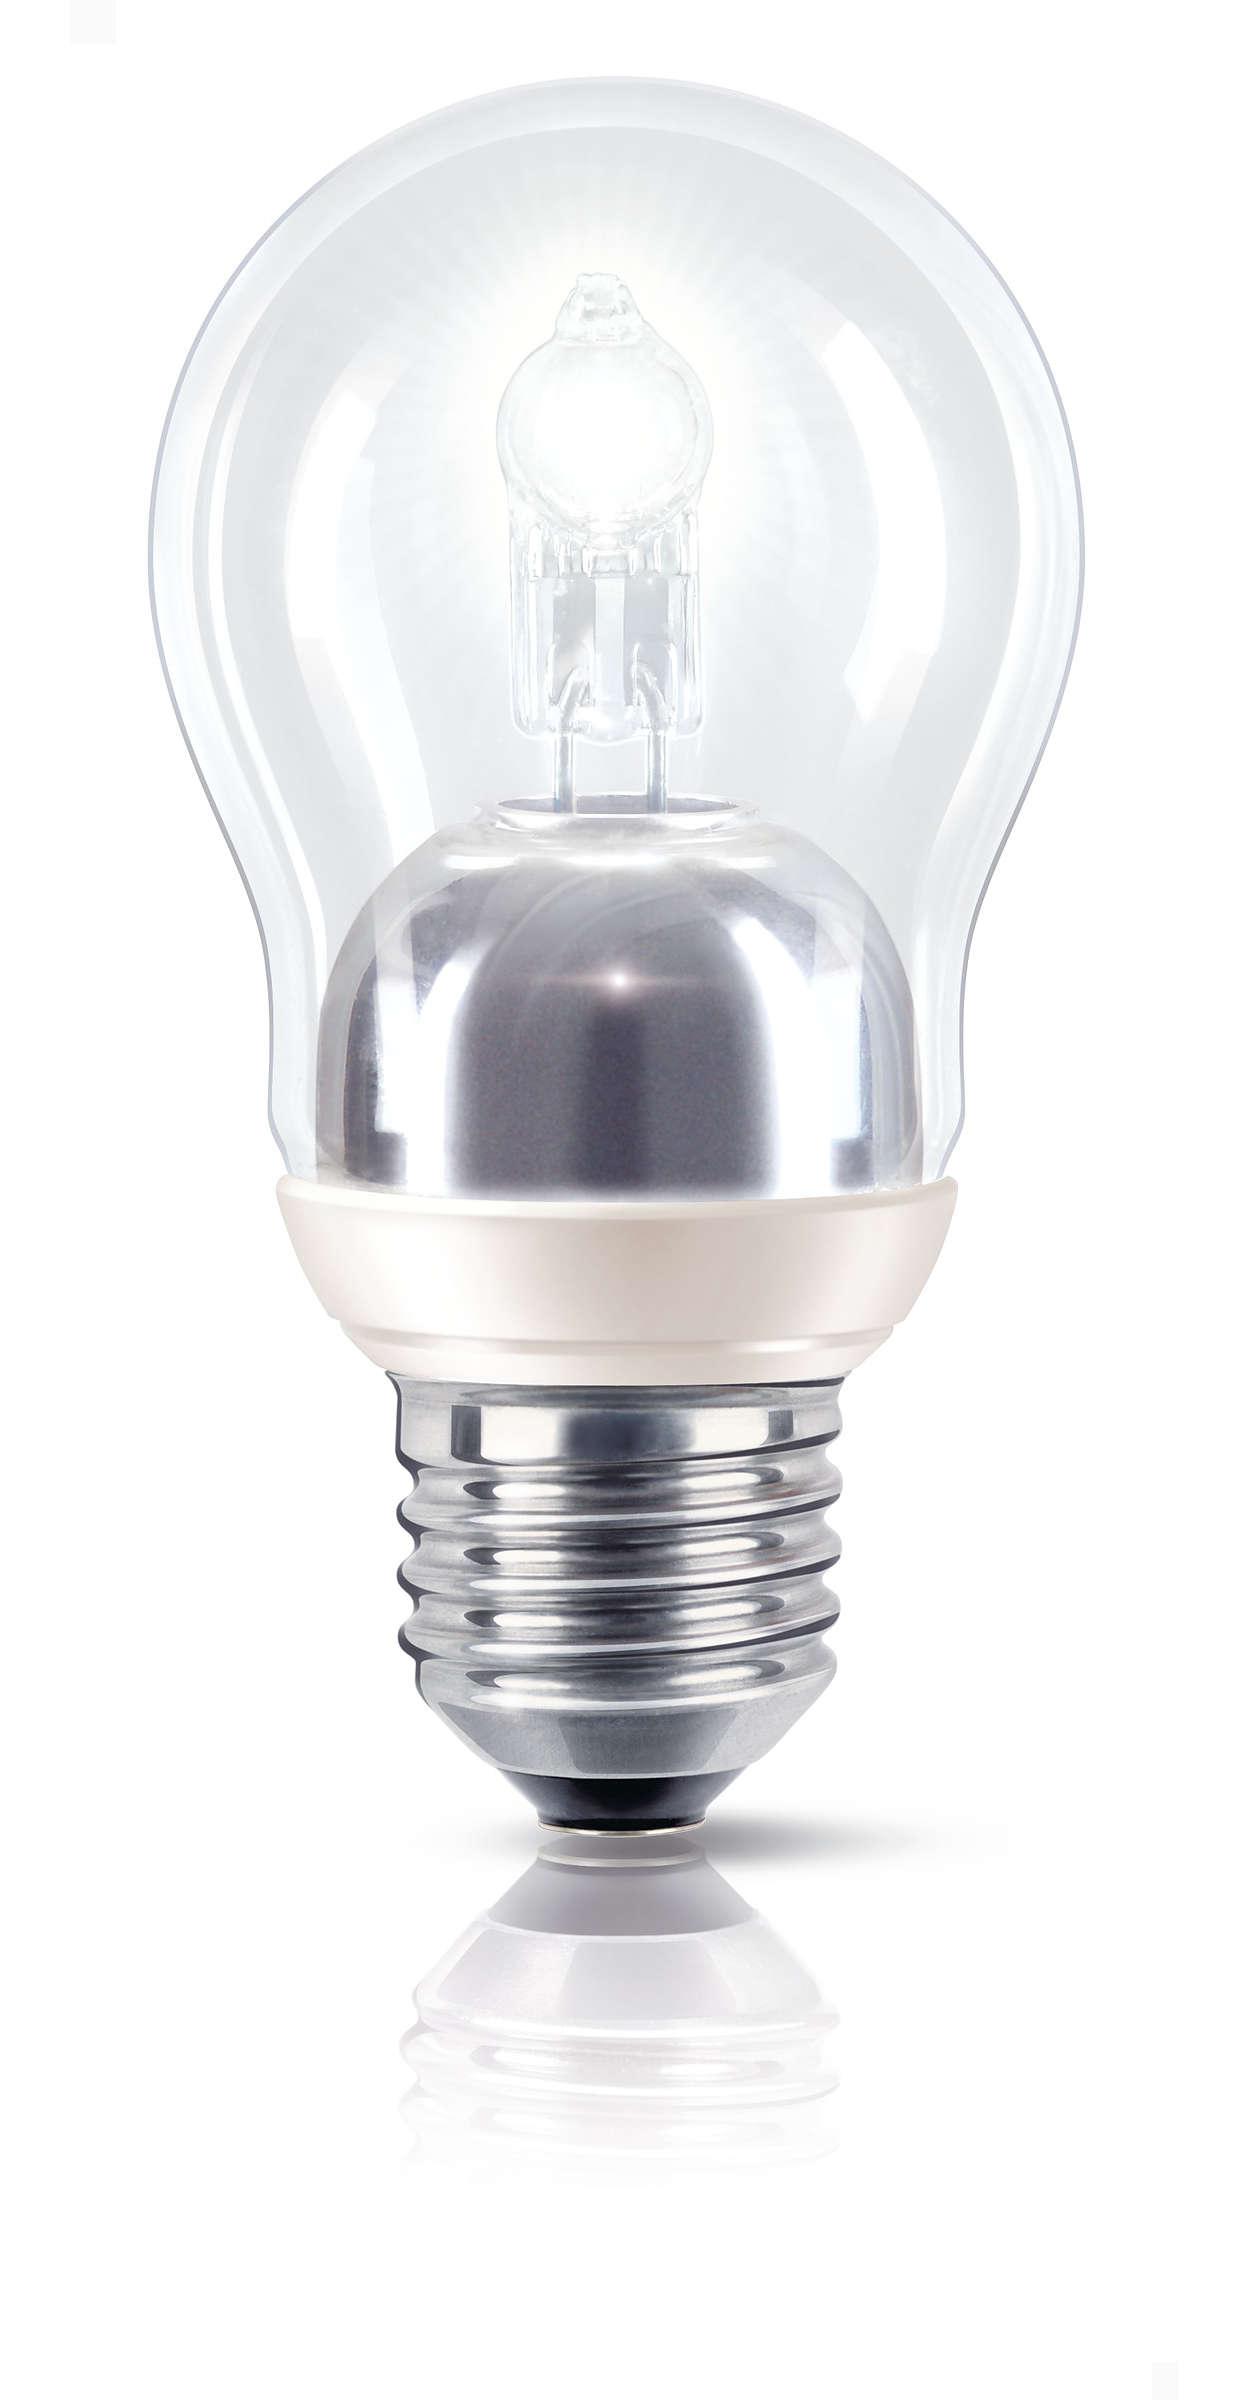 Gnistrande ljus till hälften så mycket energi